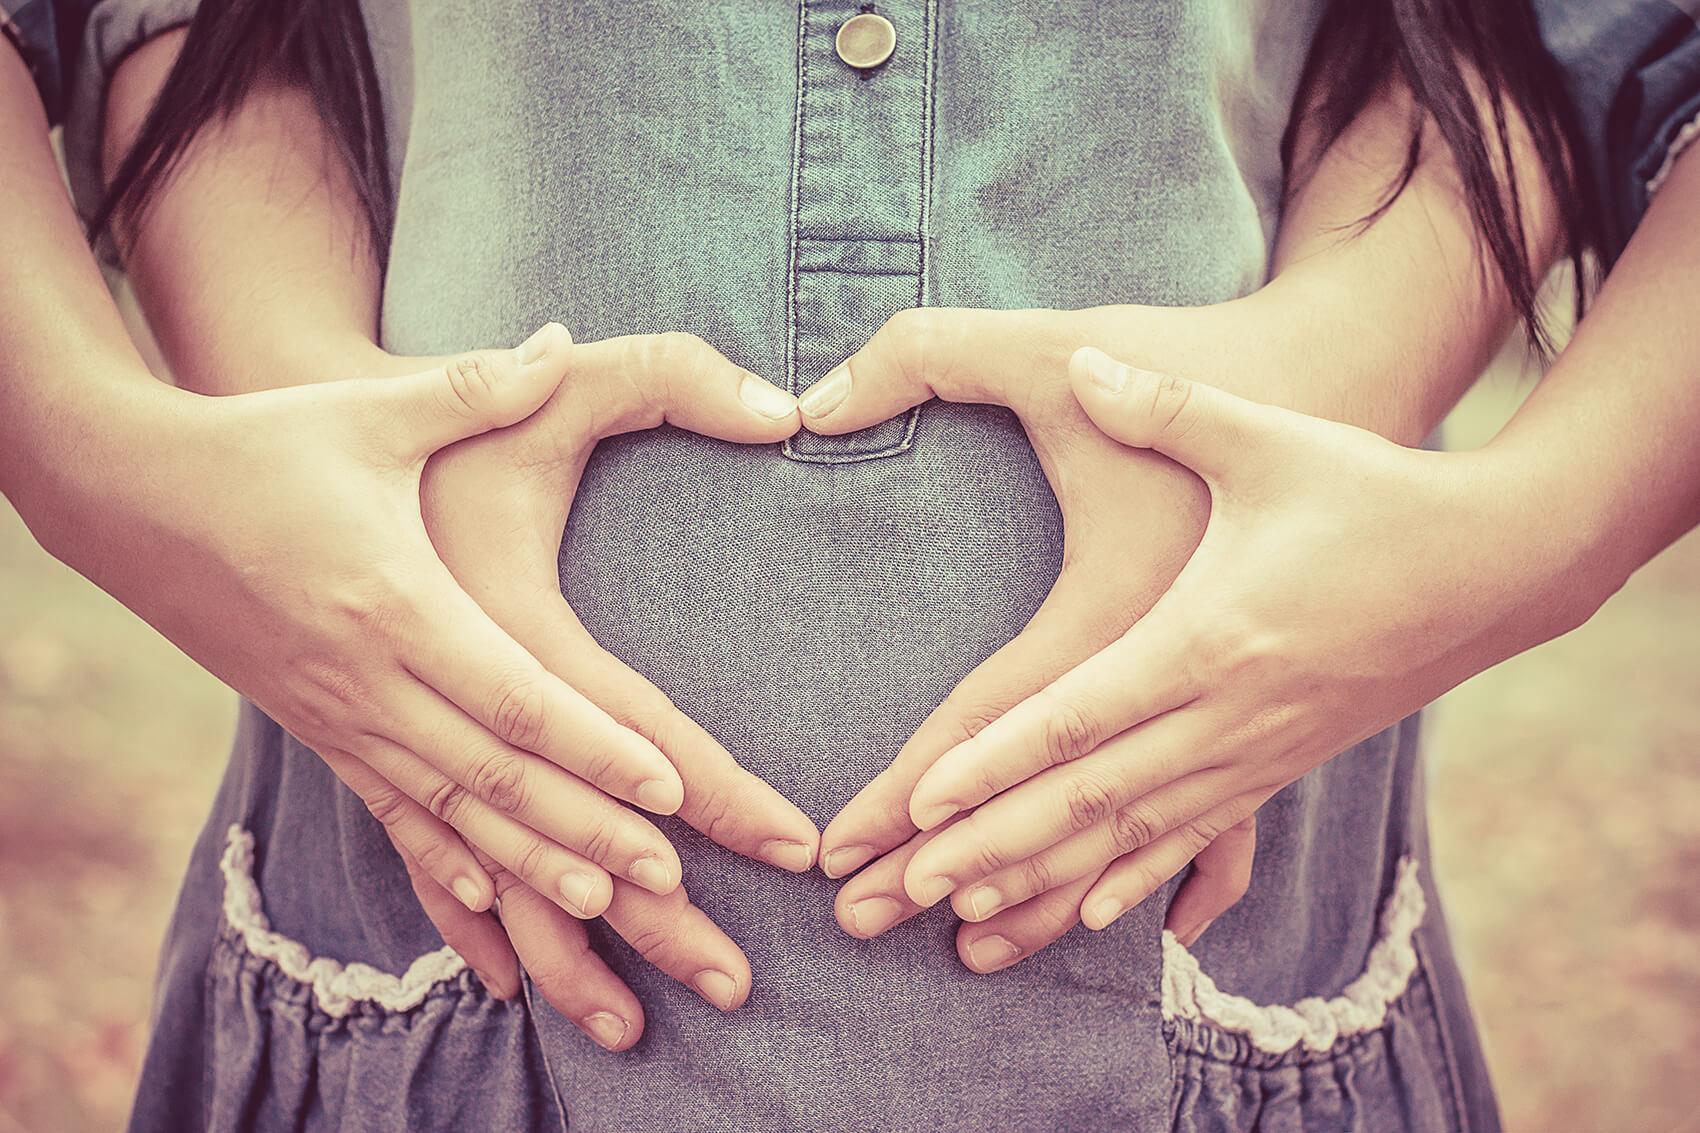 Odnos med partnerjema v nosečnosti in po porodu